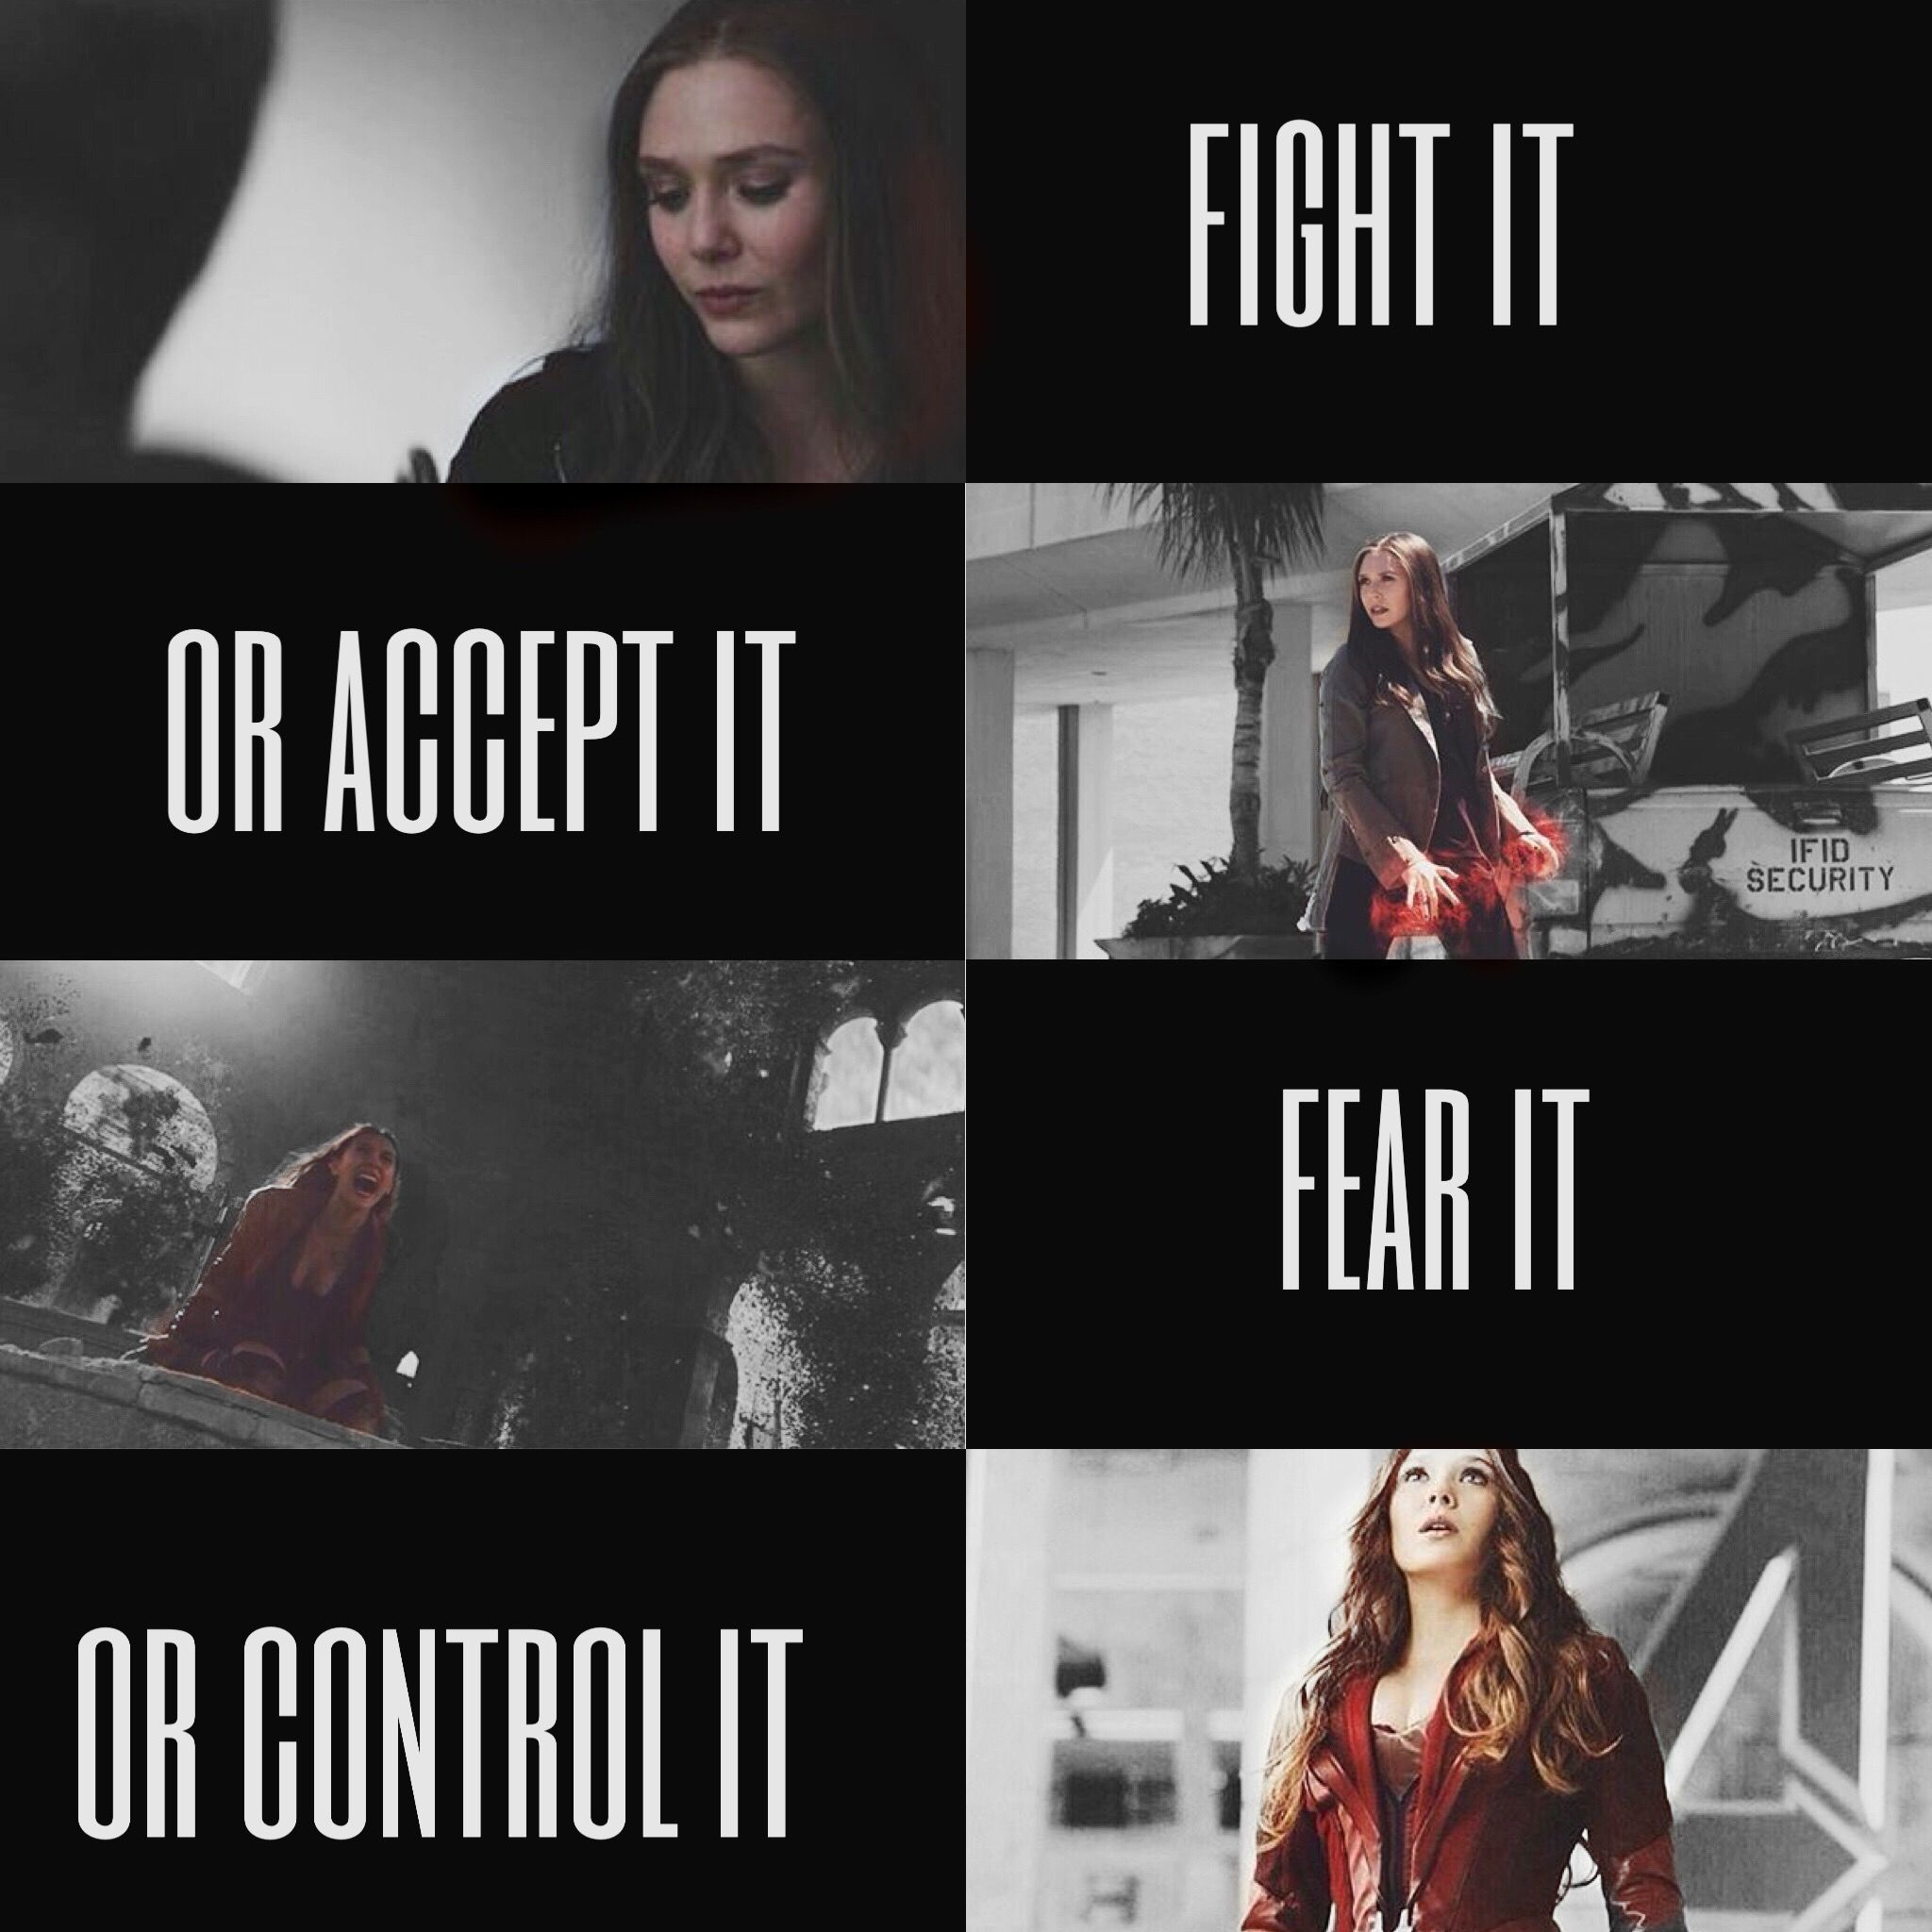 fight it or accept it fear it or control it Képek